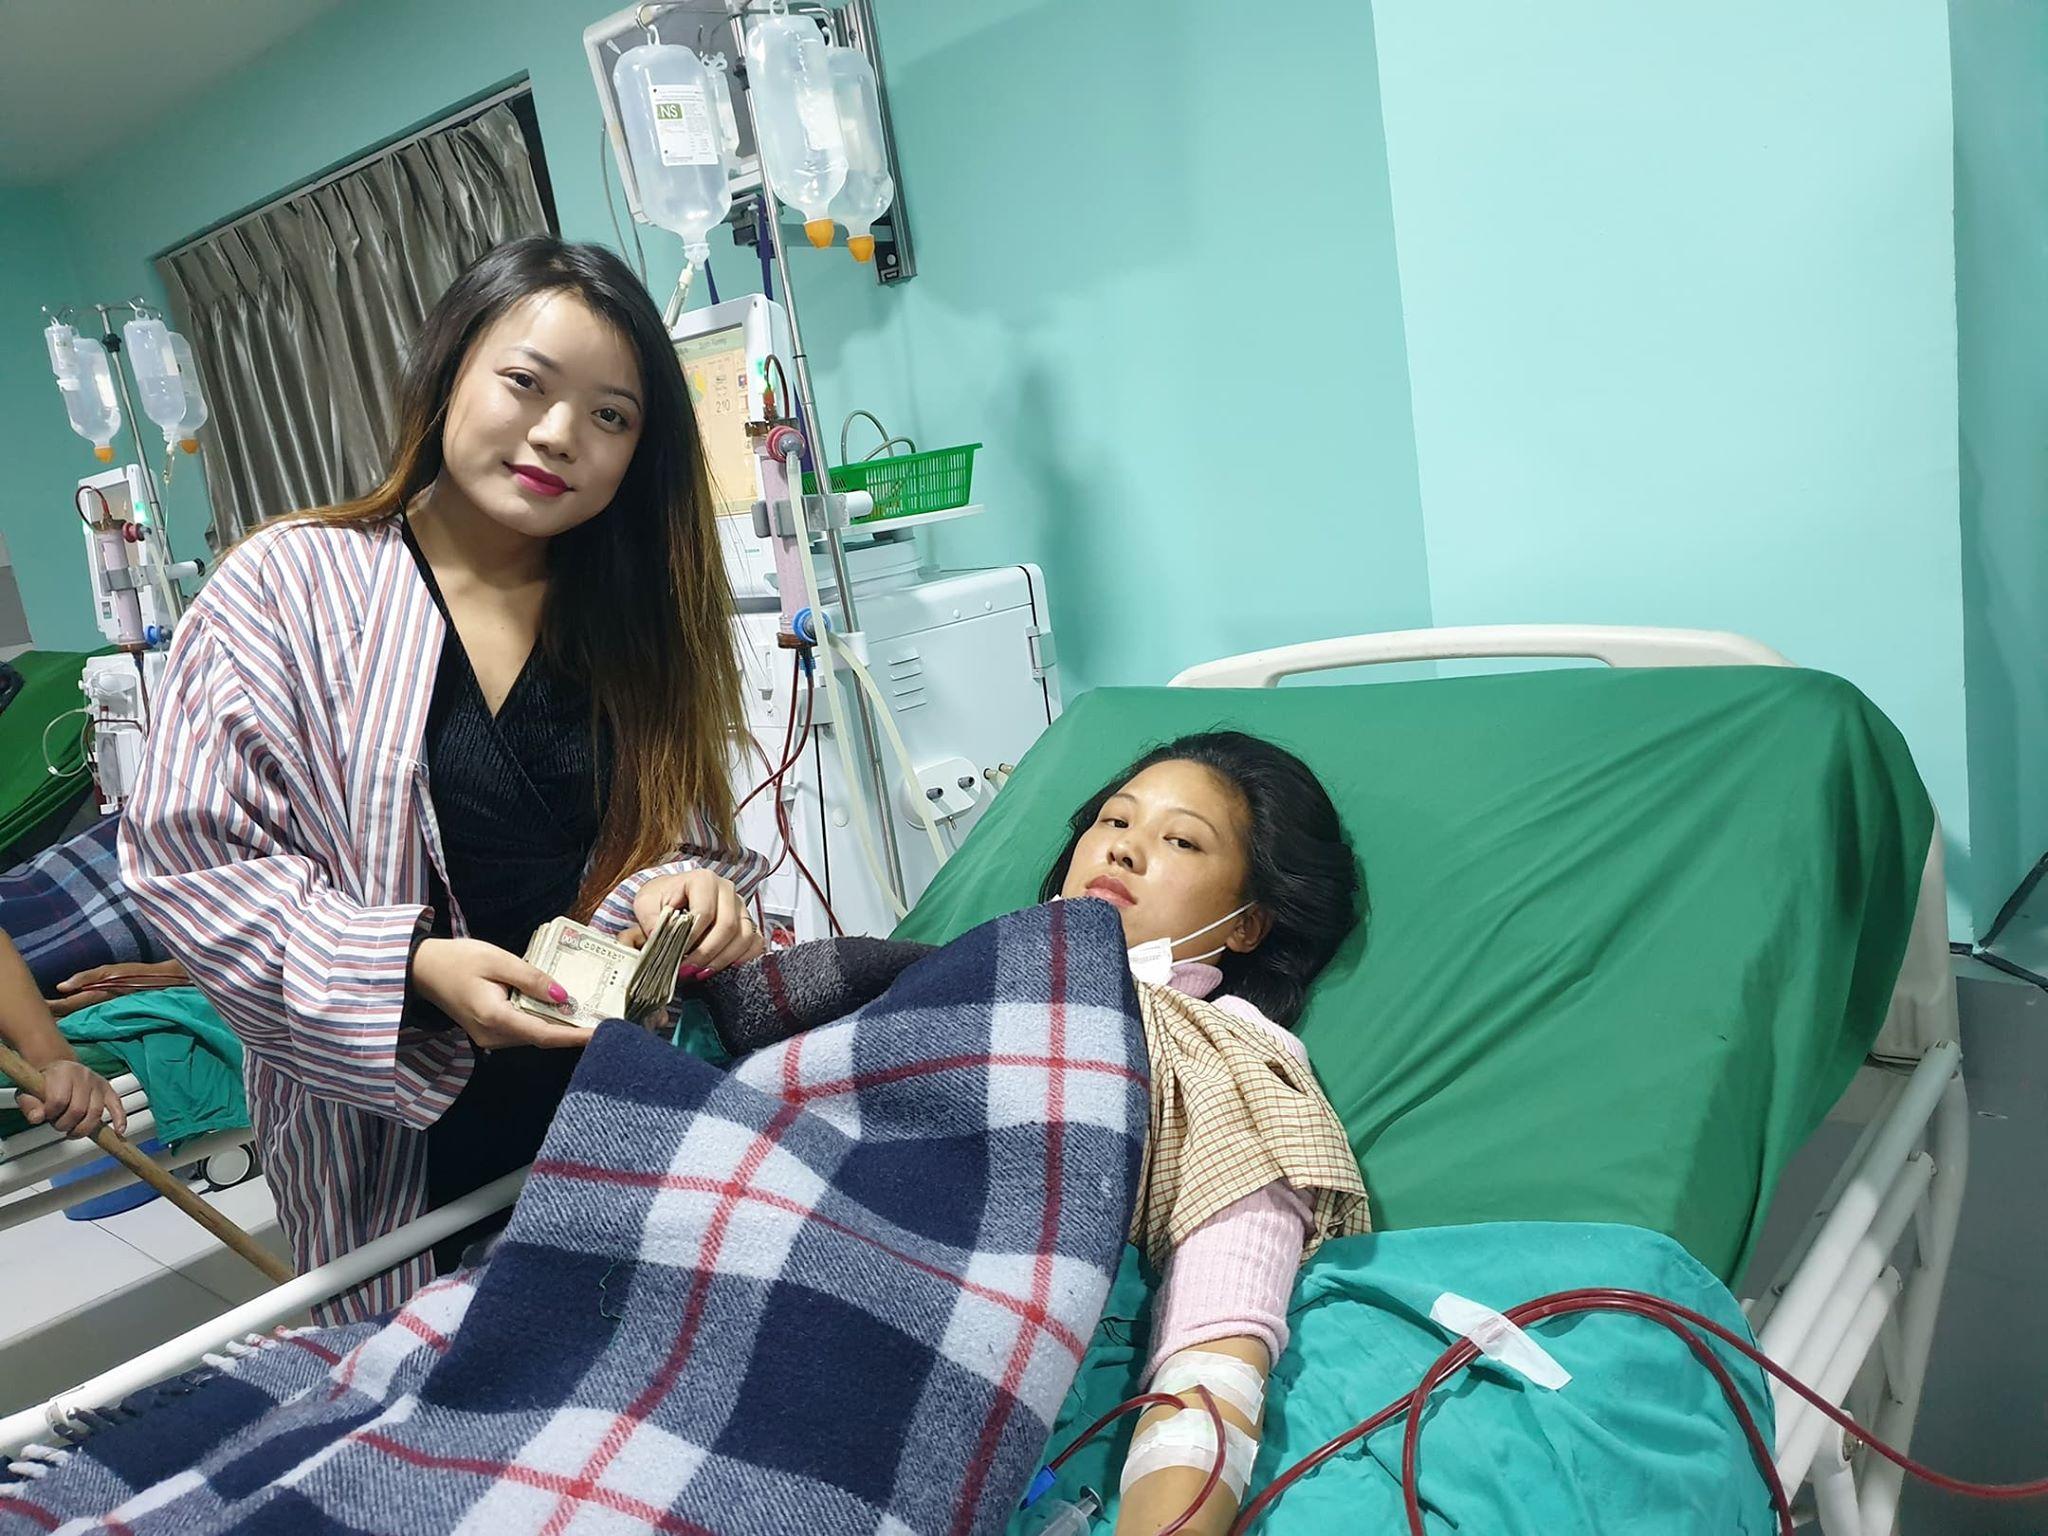 मिस मंगोल शेर्पाको अपिल, तपाईंको सानो सहयोगले नयाँ  जीवन पाउने छ